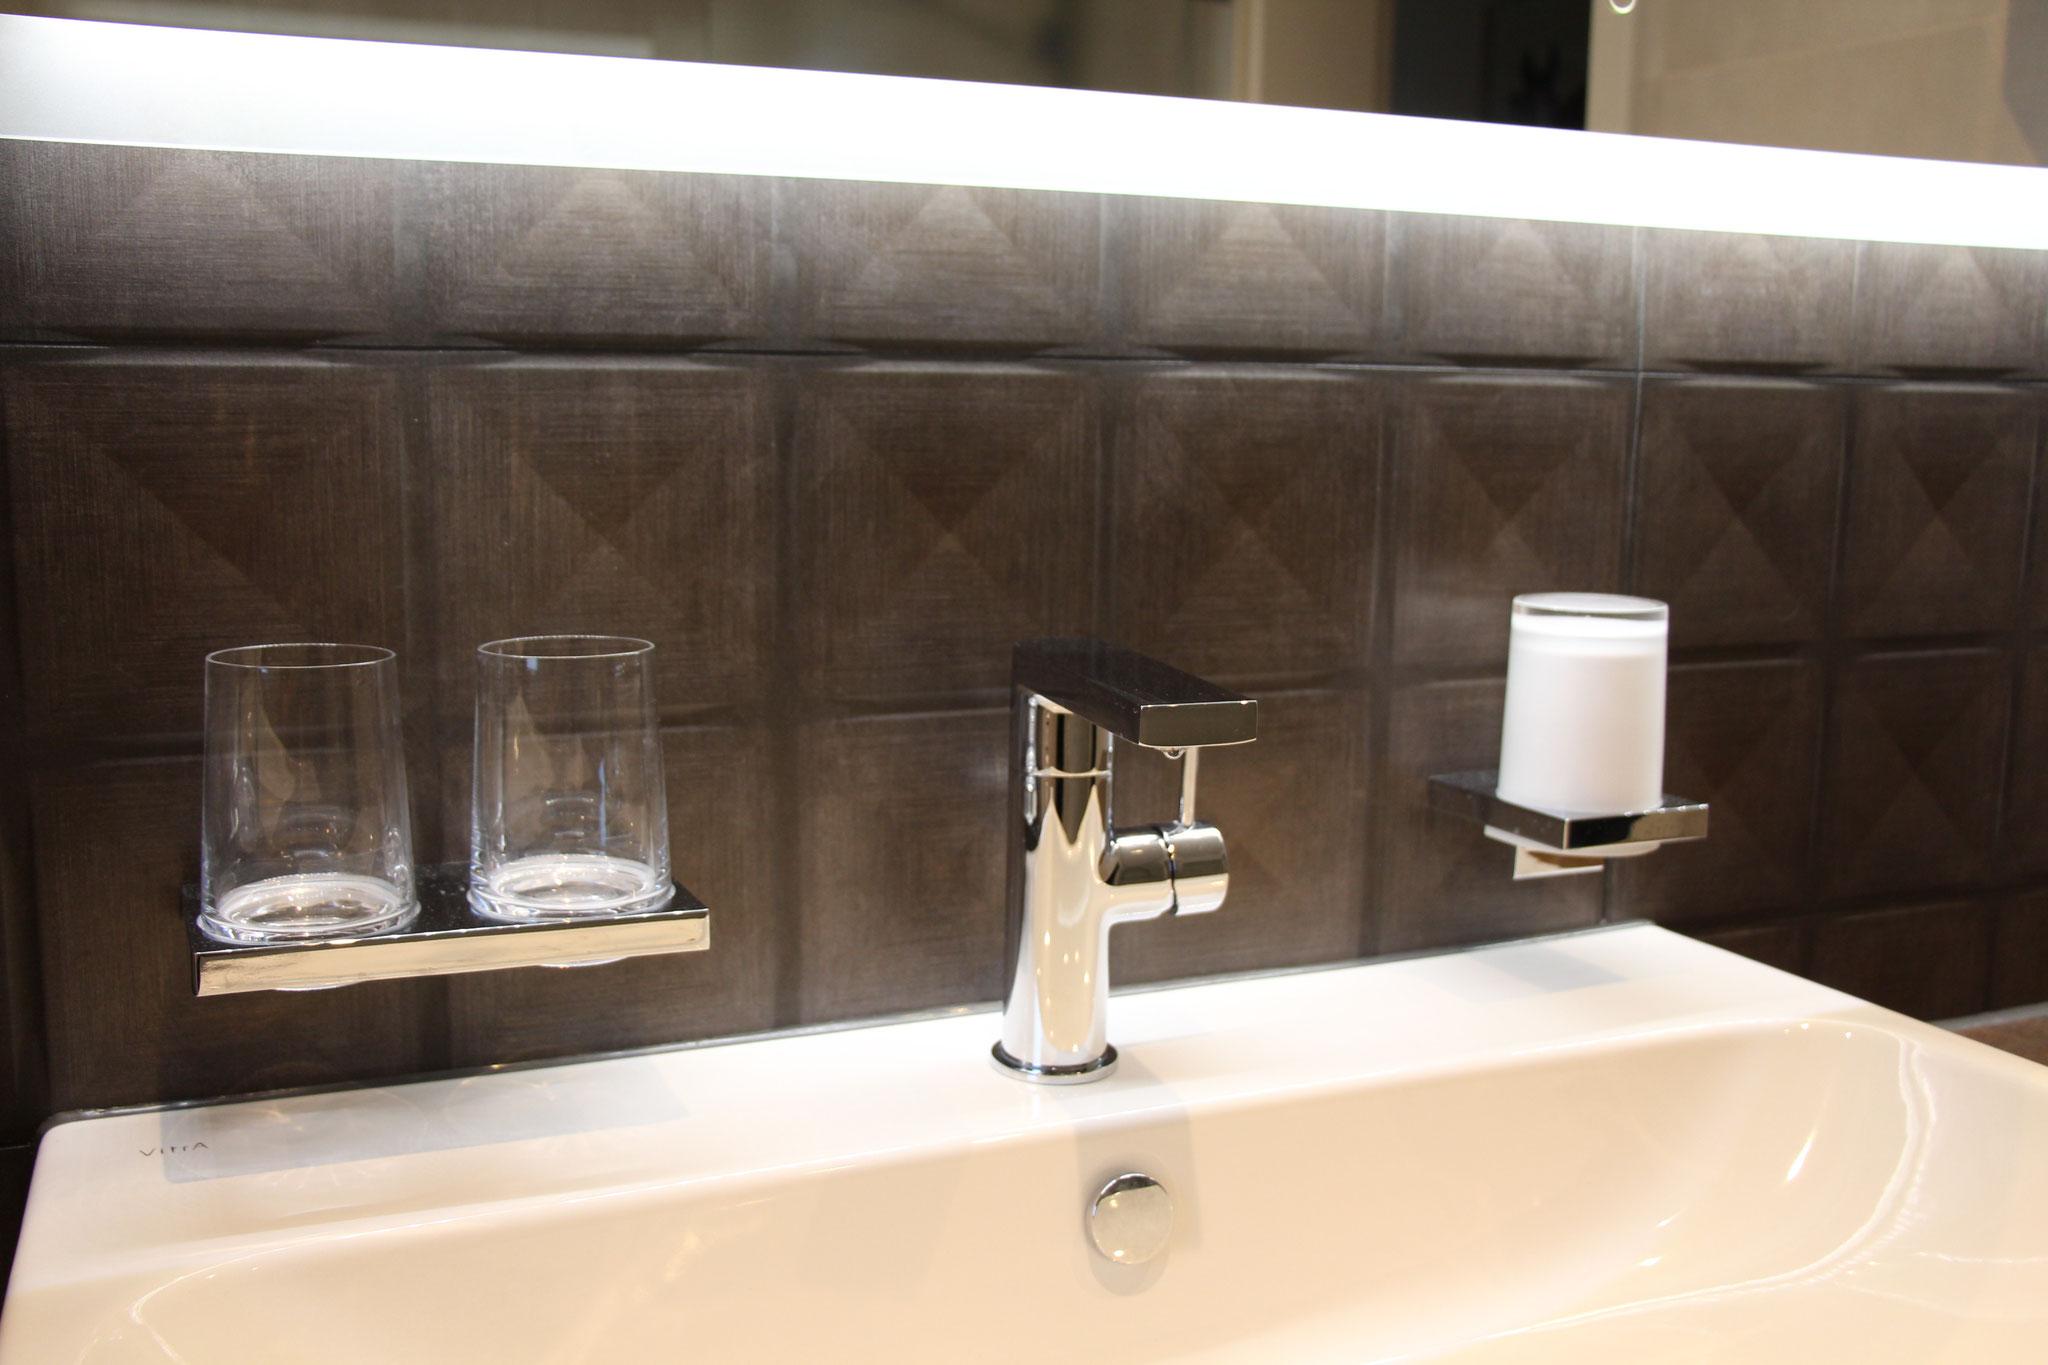 Licht - ein unterschätztes Element im Bad